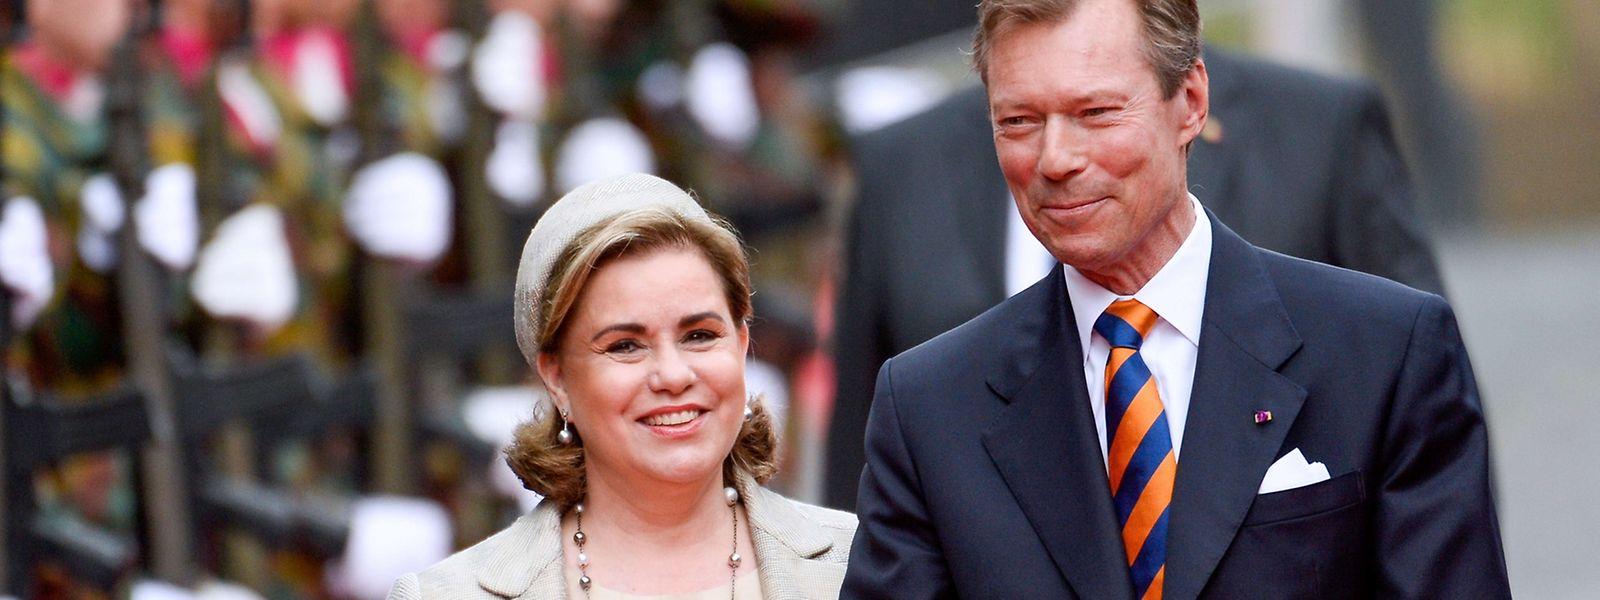 Le Grand-Duc et la Grande-Duchesse seront présents pour la Fête nationale du Luxembourg.